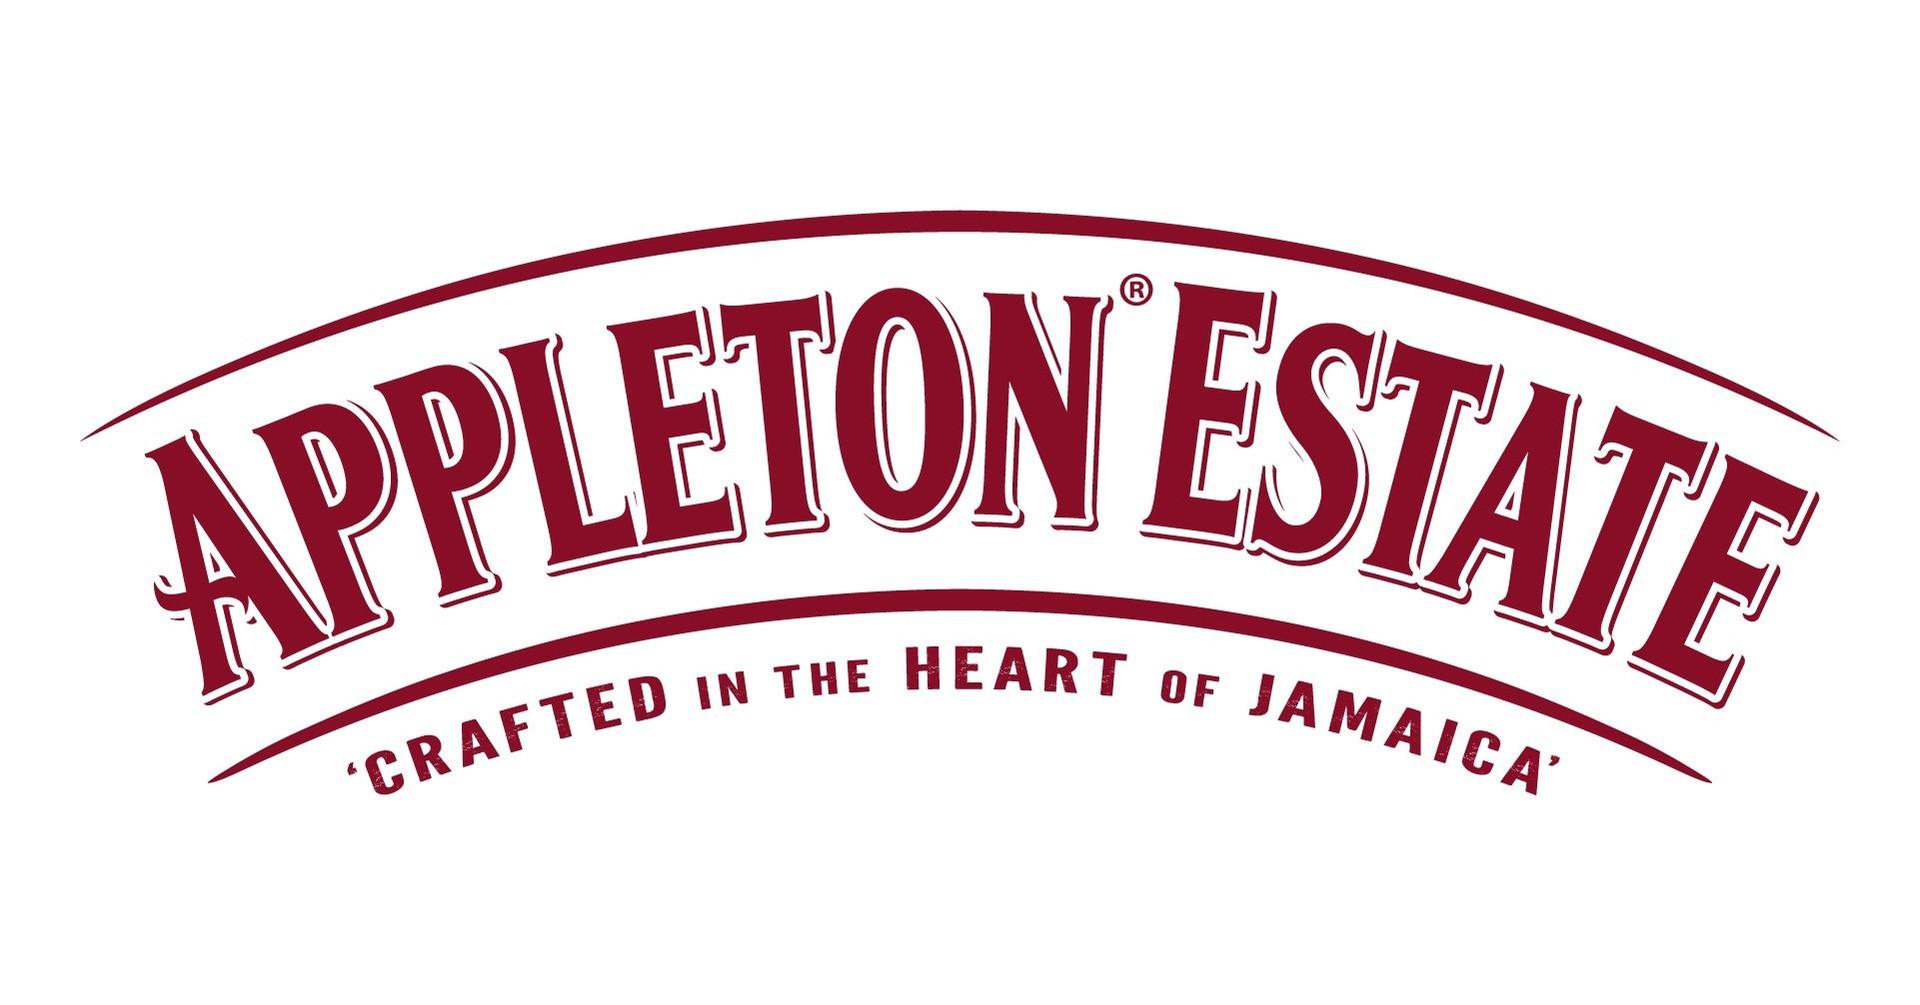 Appleton Estate.jpg